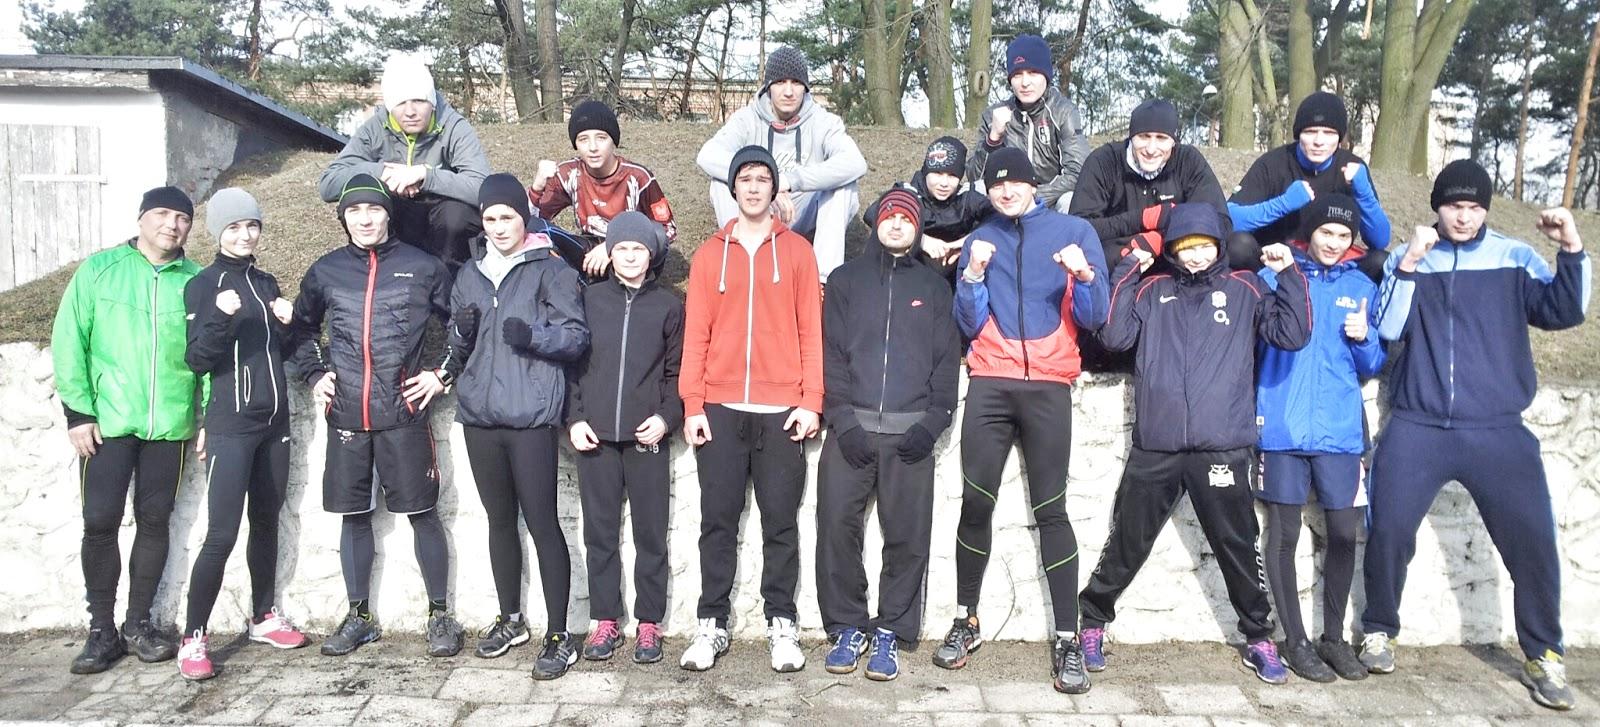 sport, obóz, dzieci, młodzież, trening, kickboxing, sporty walki, Zielona Góra, boks, muaythai, bieganie, teoria sportu